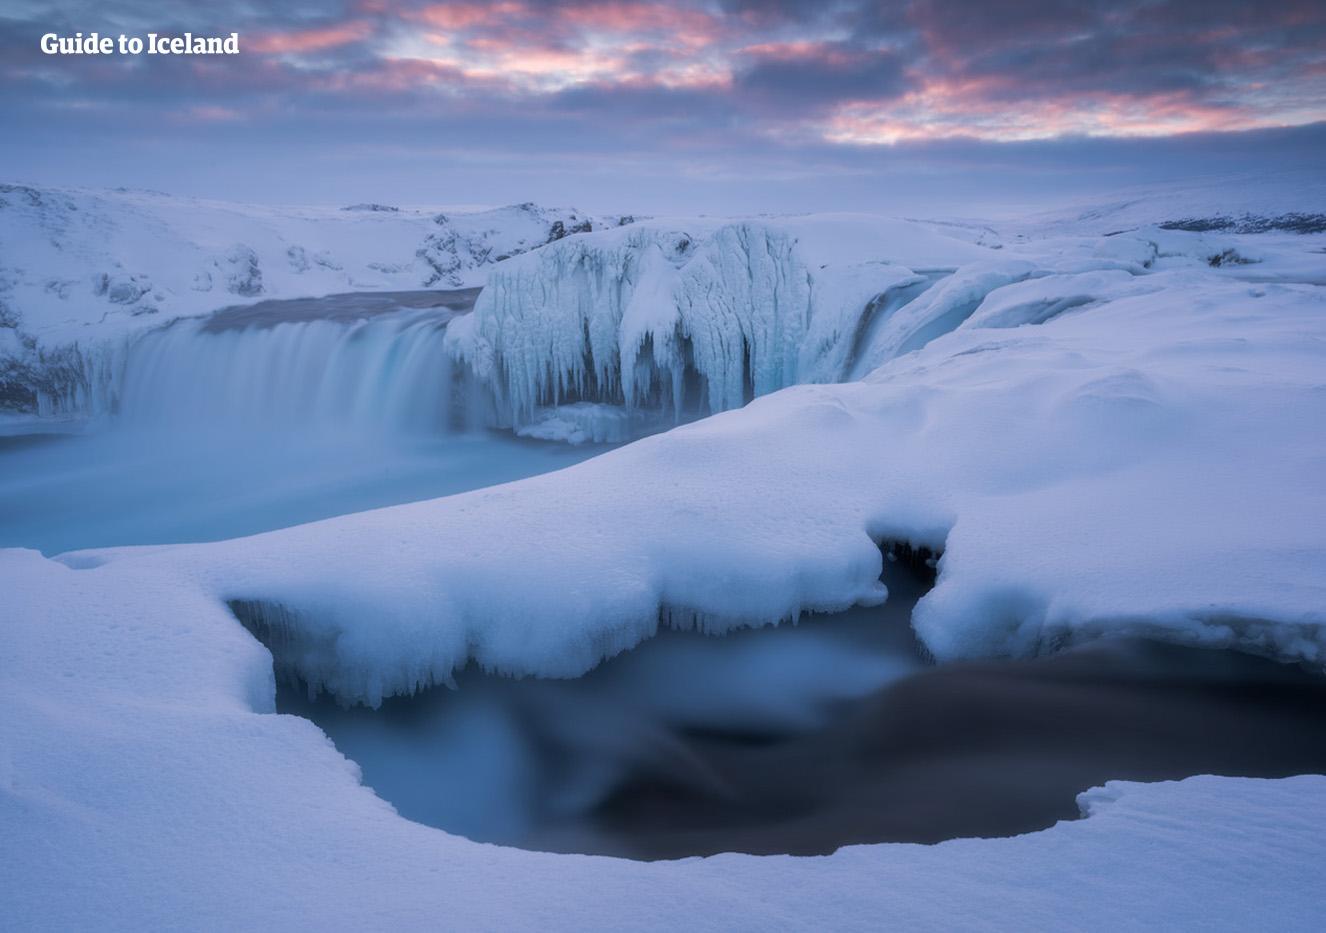 Autotour hiver de 7 jours | Cercle d'Or & Nord de l'Islande - day 2